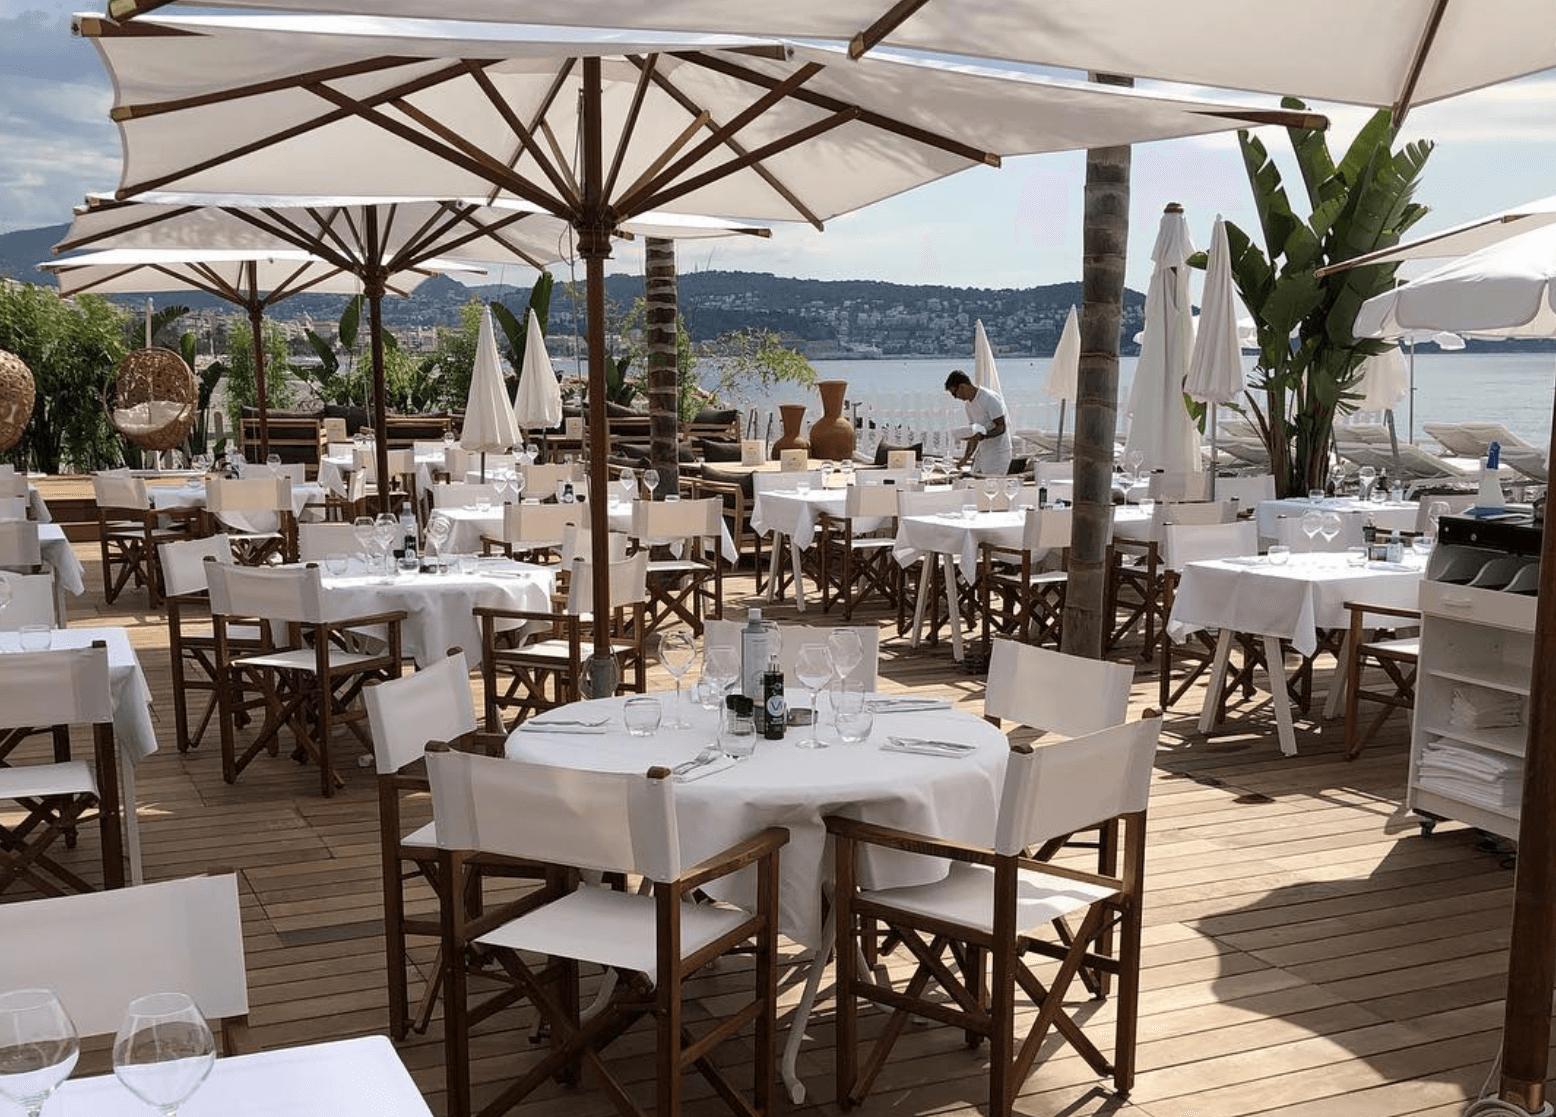 Le restaurant Cocoon Beach qui se trouve juste avant la plage.